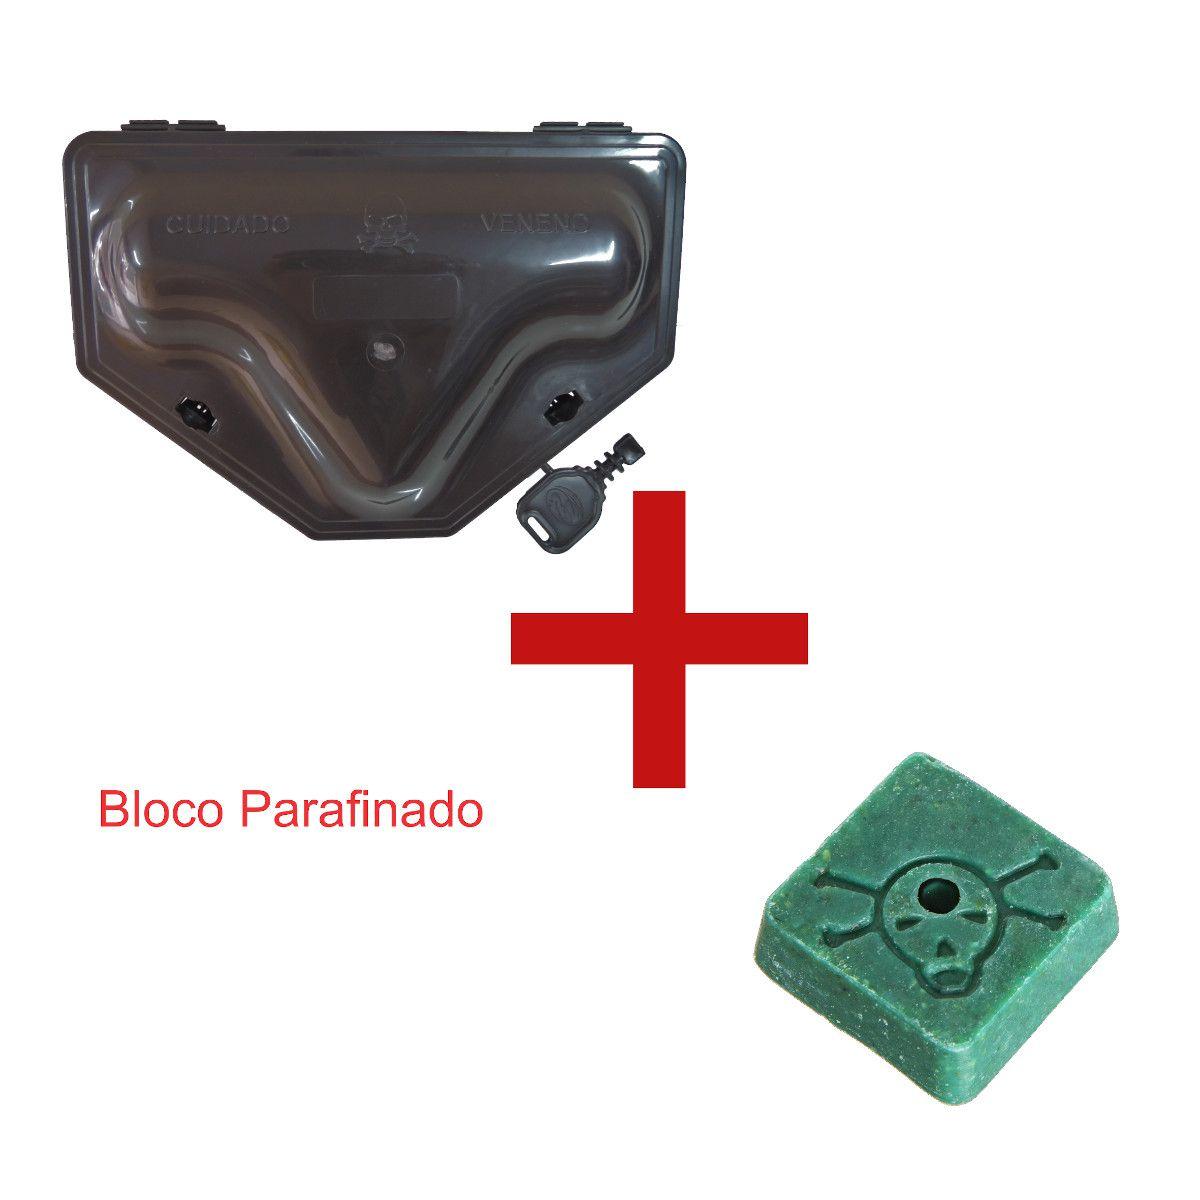 KIT 20 Ratoeira Forte Mata Ratos Porta Iscas 2 TRAVAS Chave